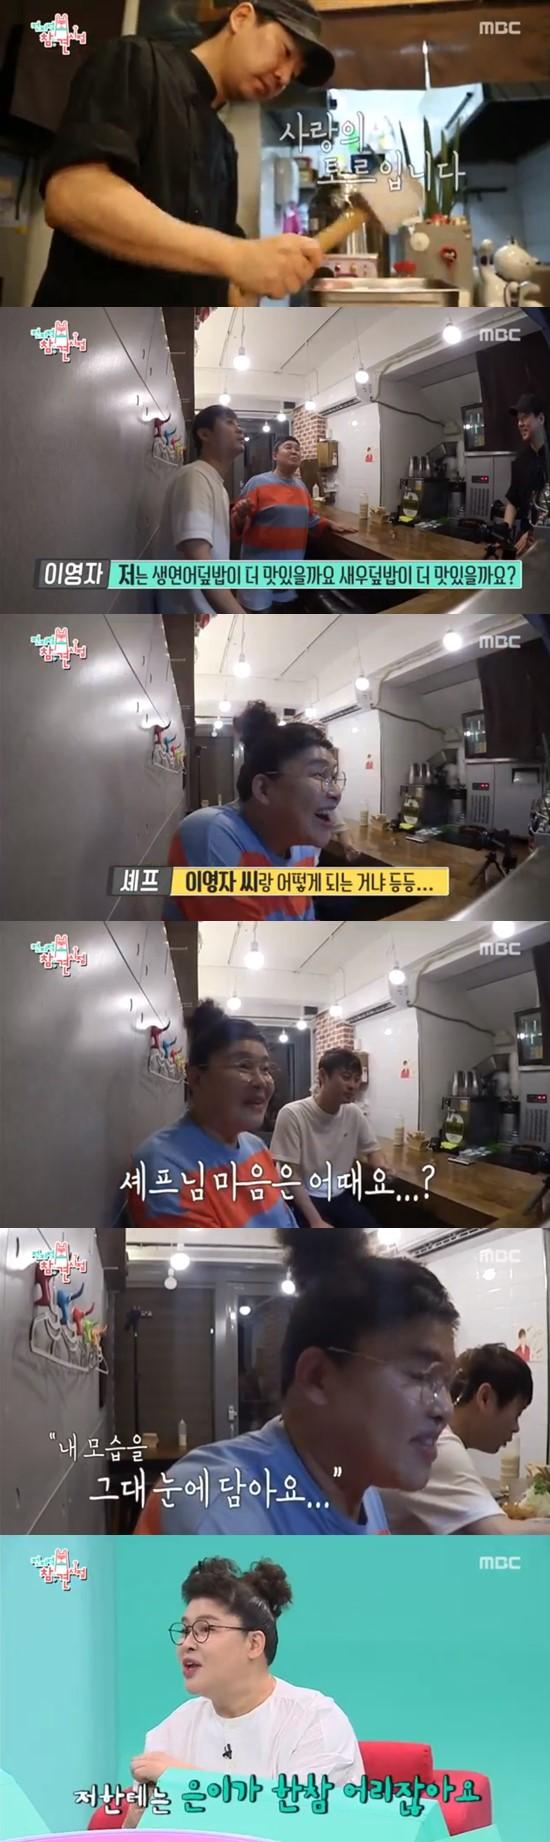 [종합] '전참시' 이영자, ♥셰프 나이 차이에 짝사랑 포기 '실망'